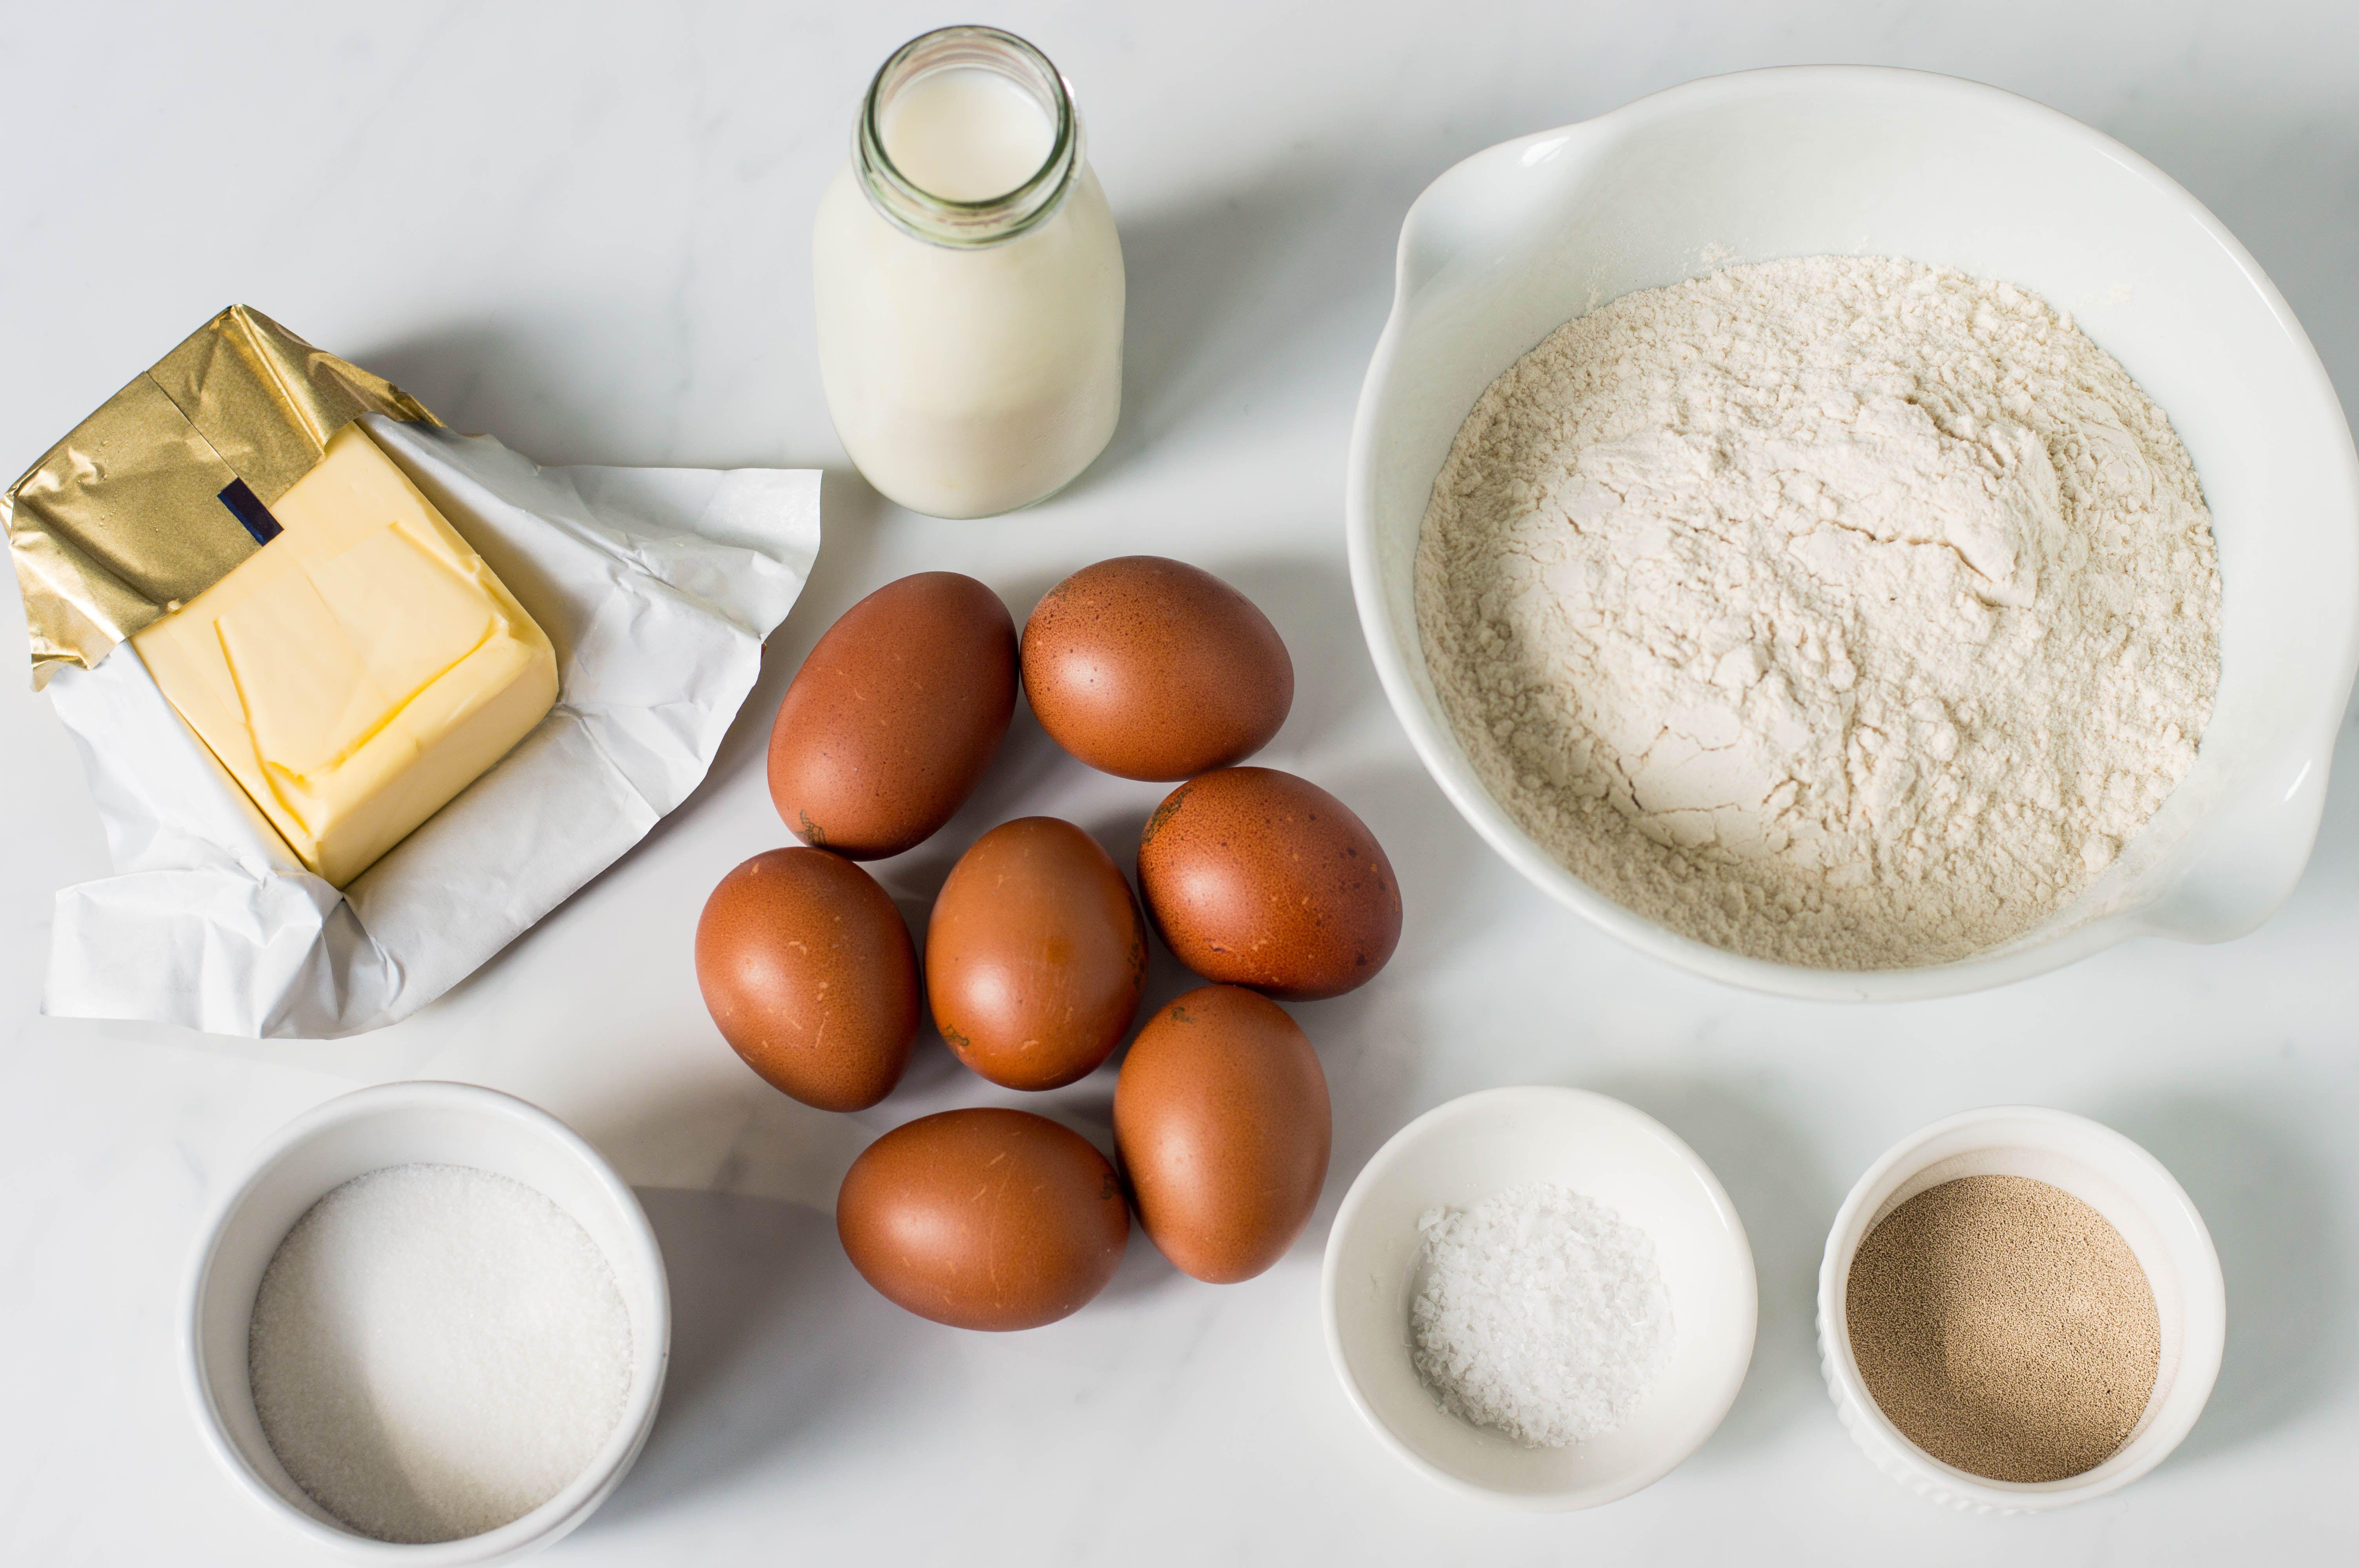 Basic Brioche ingredients